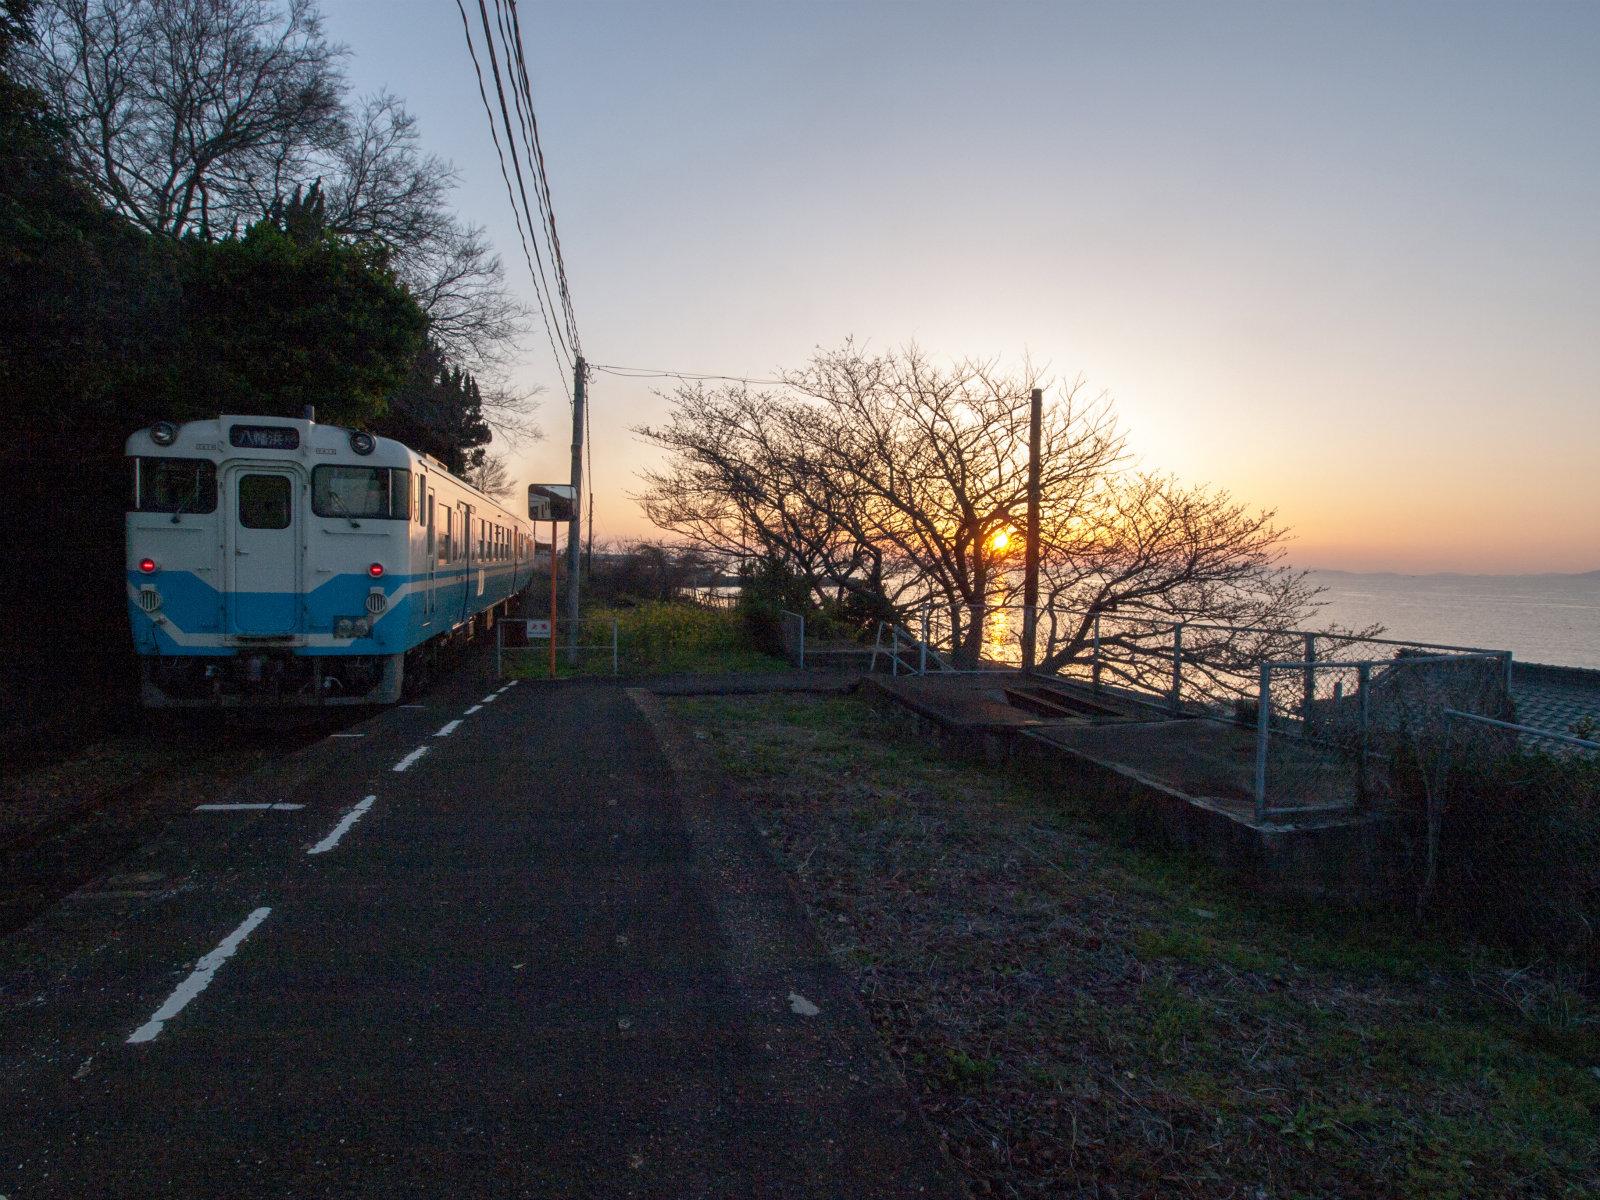 乗ってきた八幡浜行の列車。降りたのは私ともう一人だけでした。